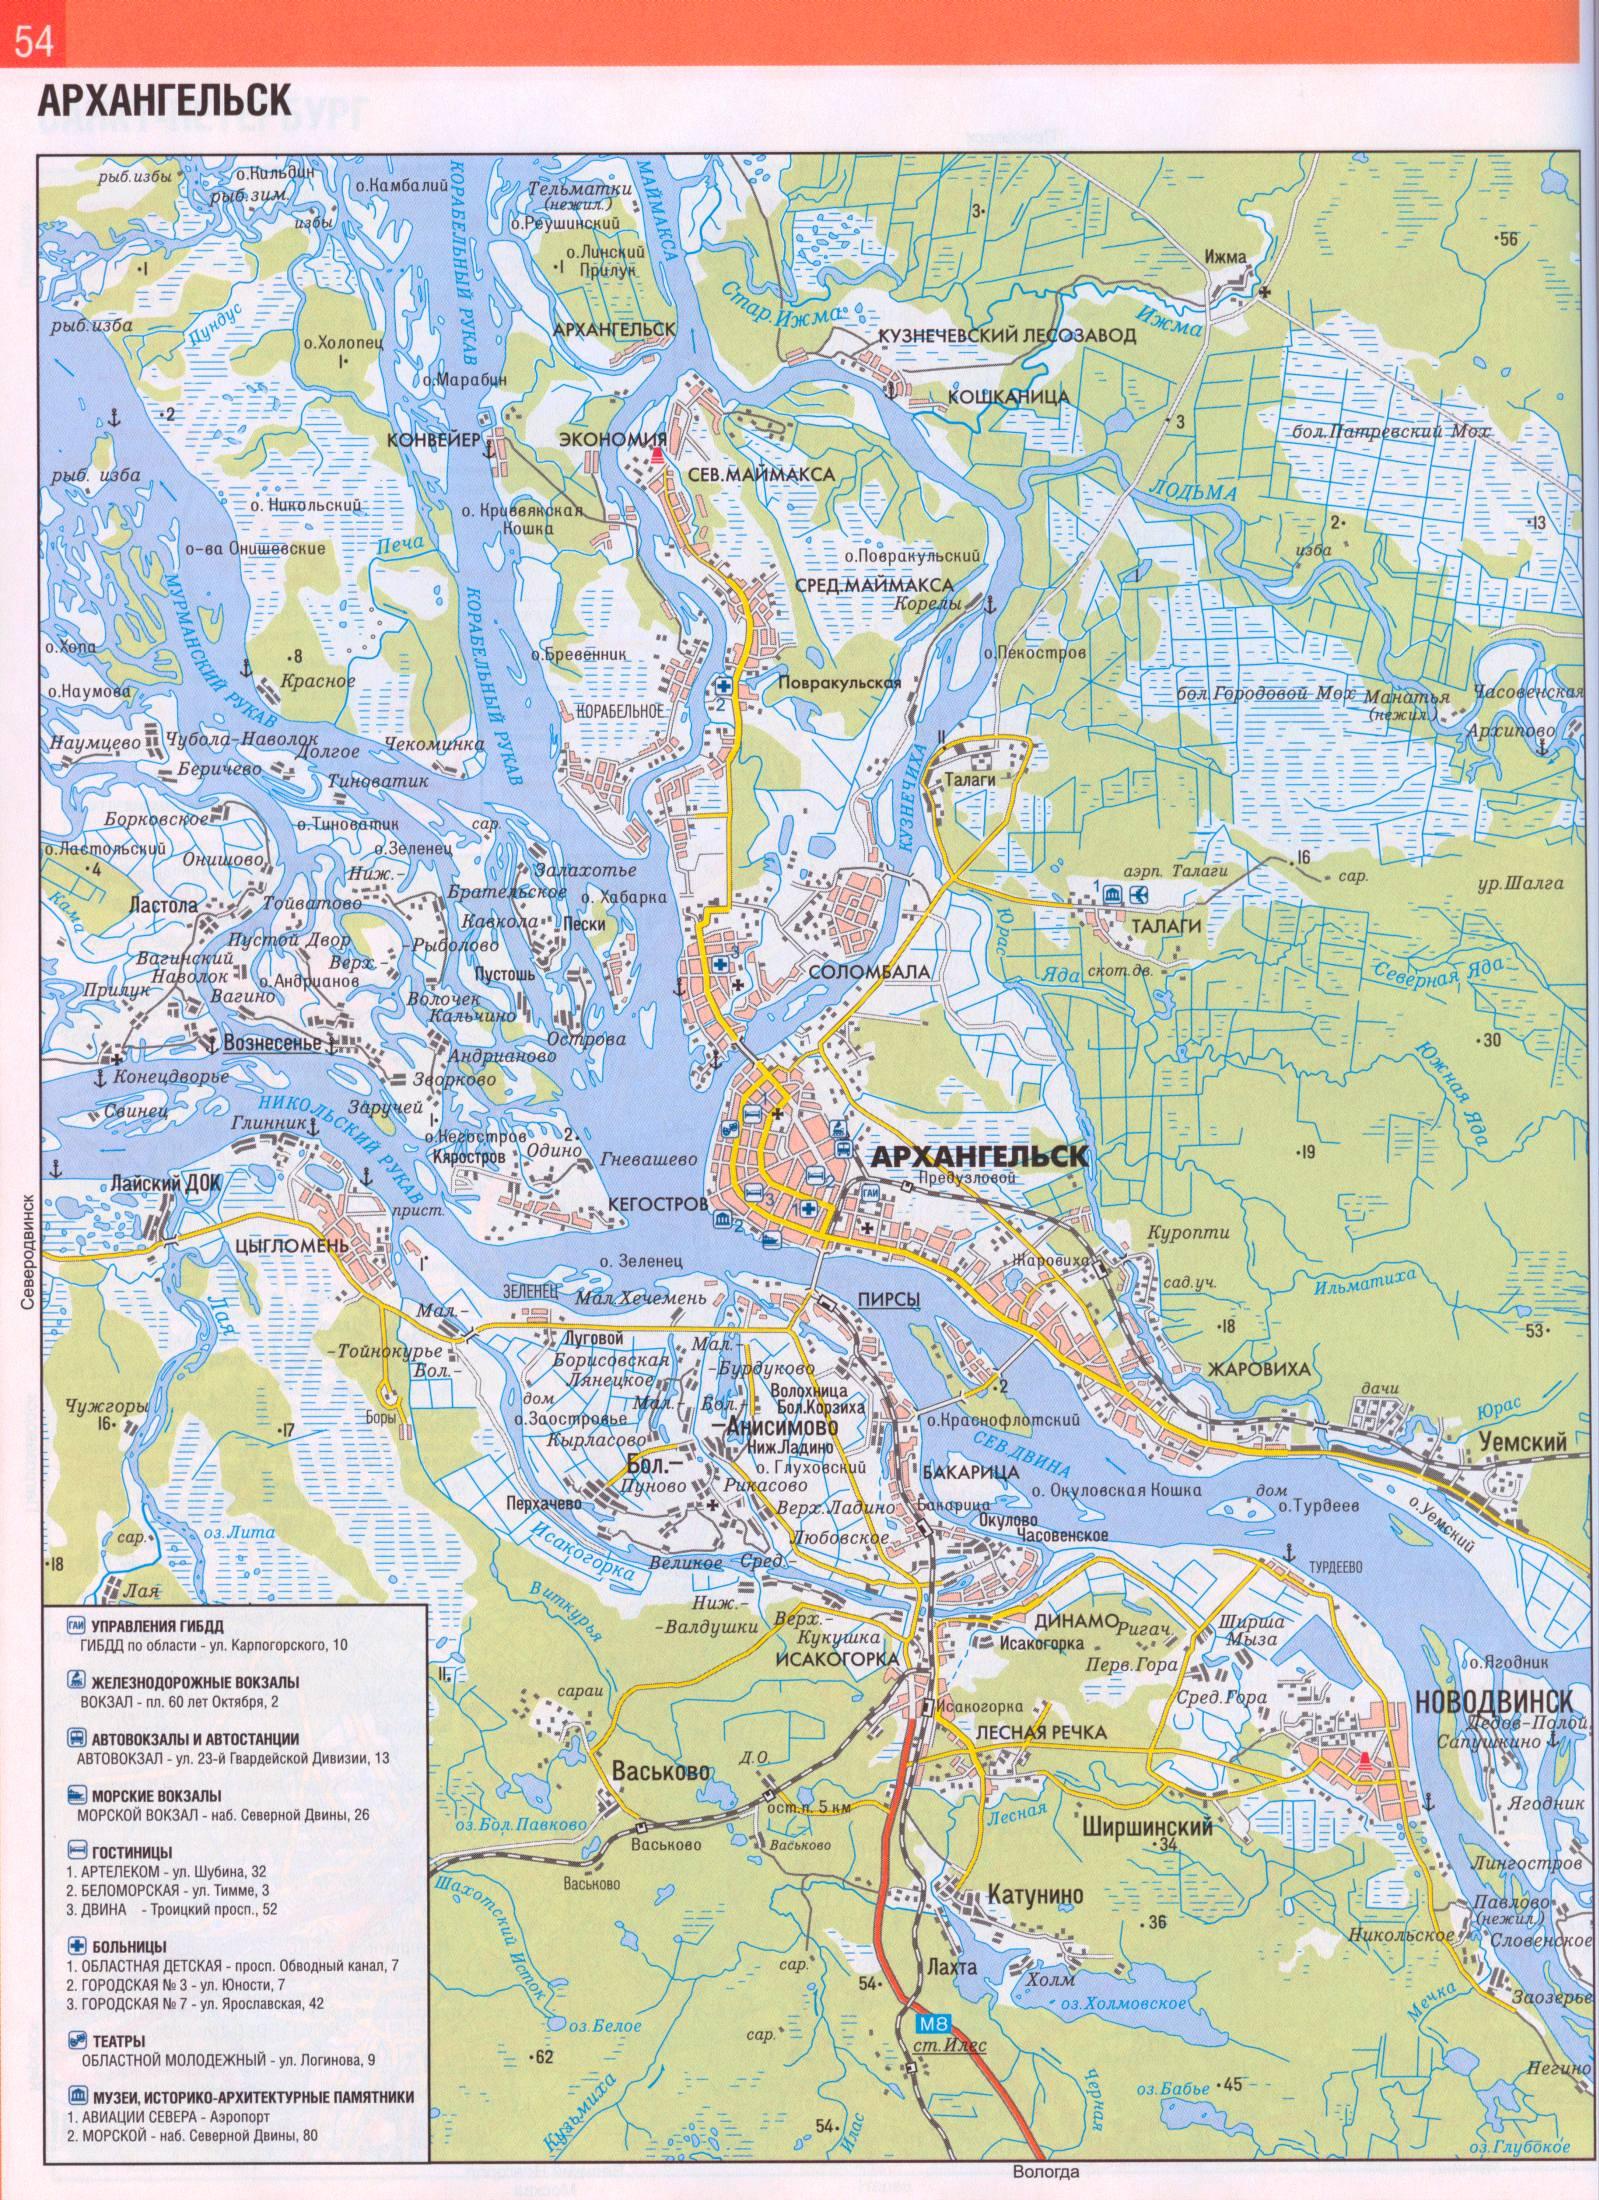 Карта Архангельска и пригородов. Карта-схема проезда ...: http://map-auto.ru/map331599_0_0.htm